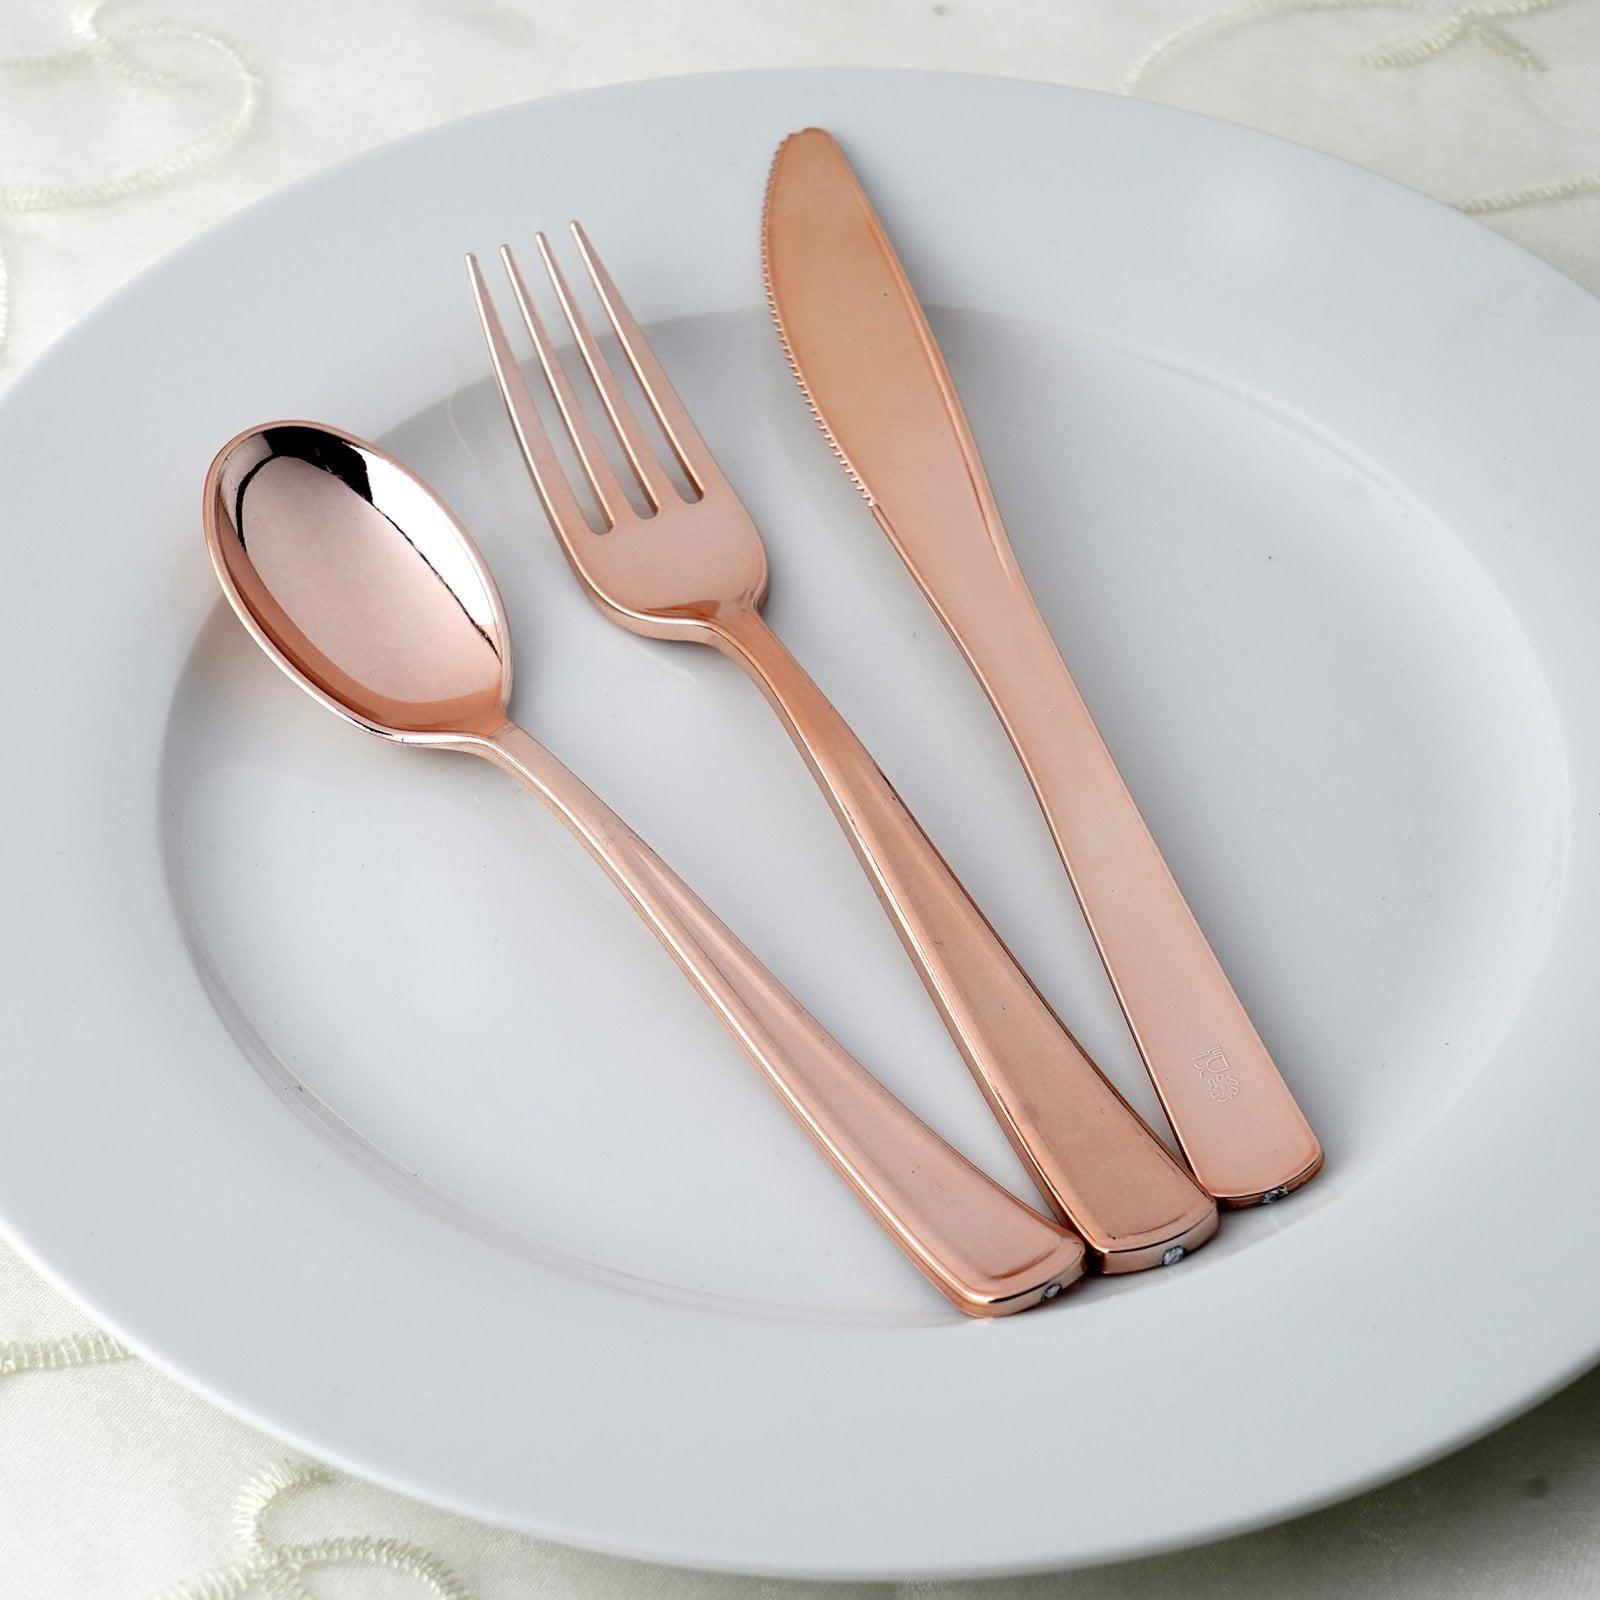 BalsaCircle 30 pcs Spoons, Forks, and Knives Disposable Silverware- Metallic Rose Gold by BalsaCircle